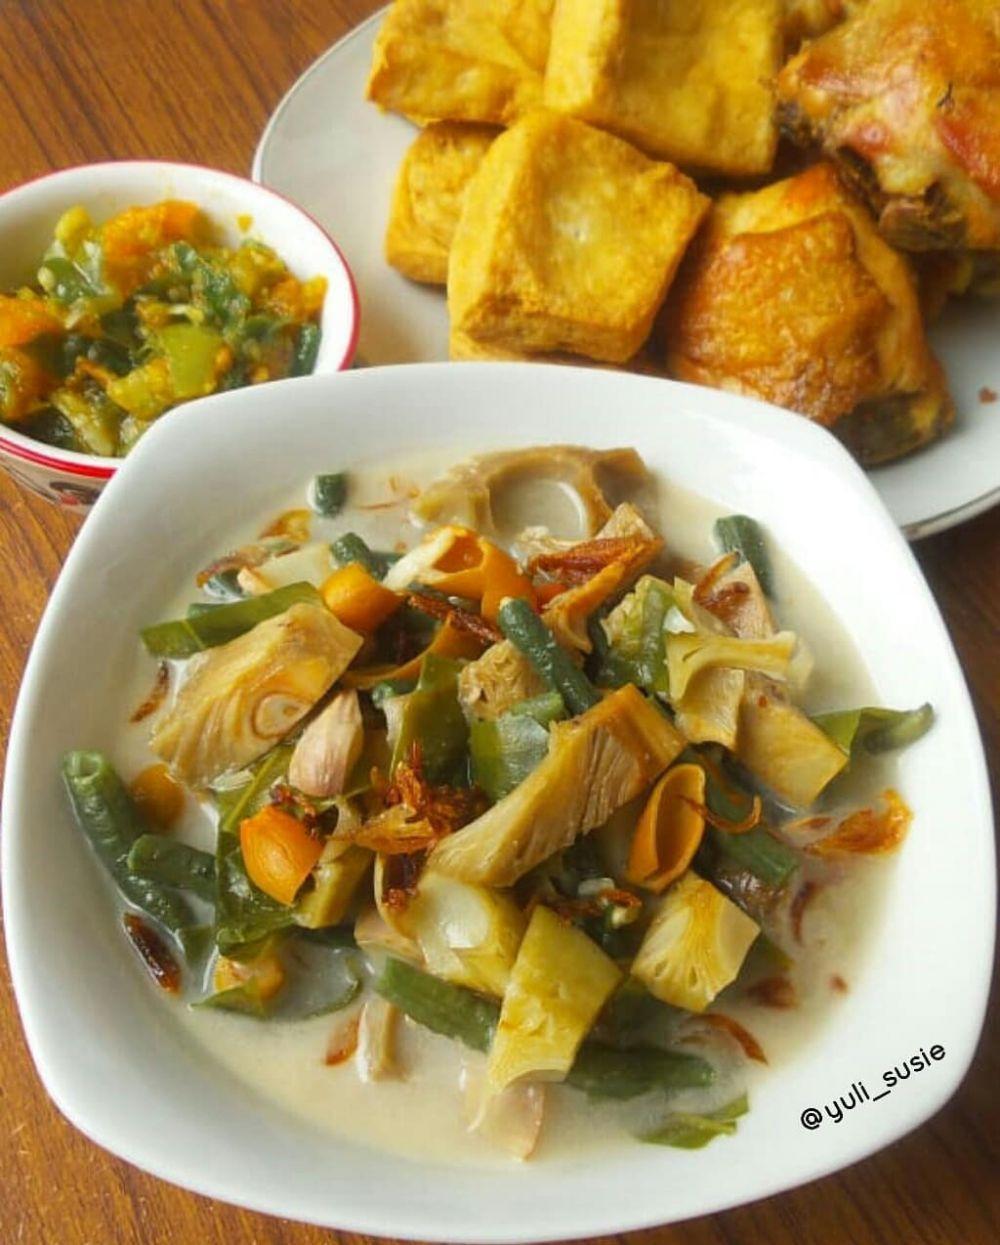 15 Resep Sayur Santan Instagram Kumpulanresepmasak Makfoodies Resep Masakan Masakan Resep